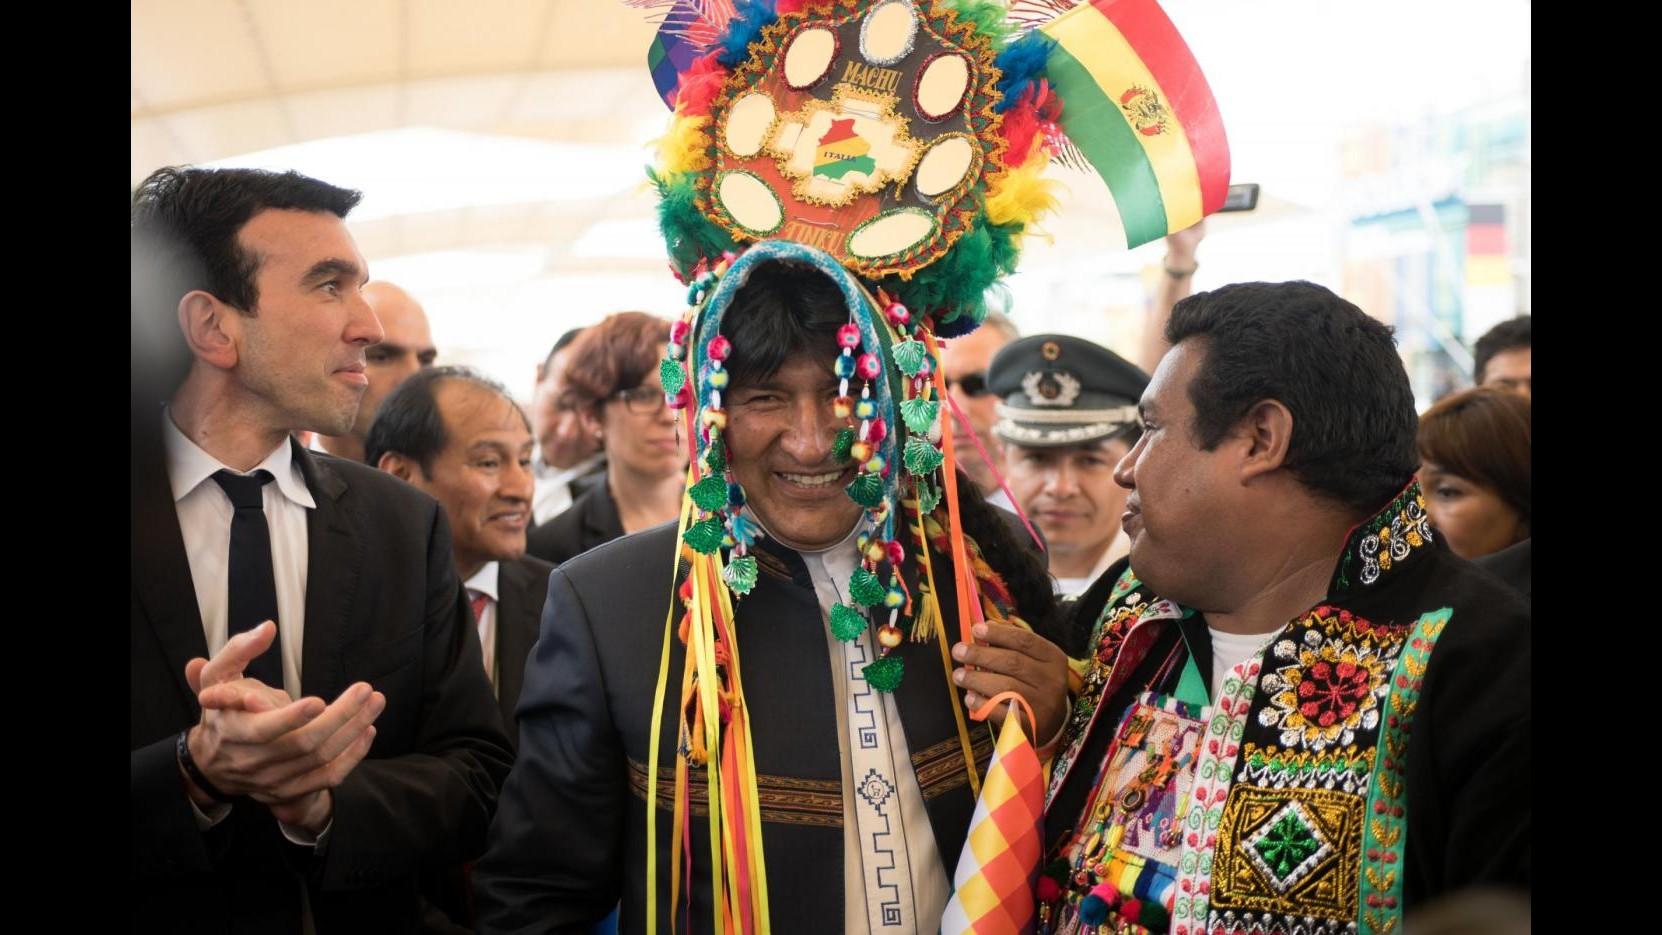 FOCUS – Expo, padiglione Bolivia accoglie Morales: quinoa per battere fame